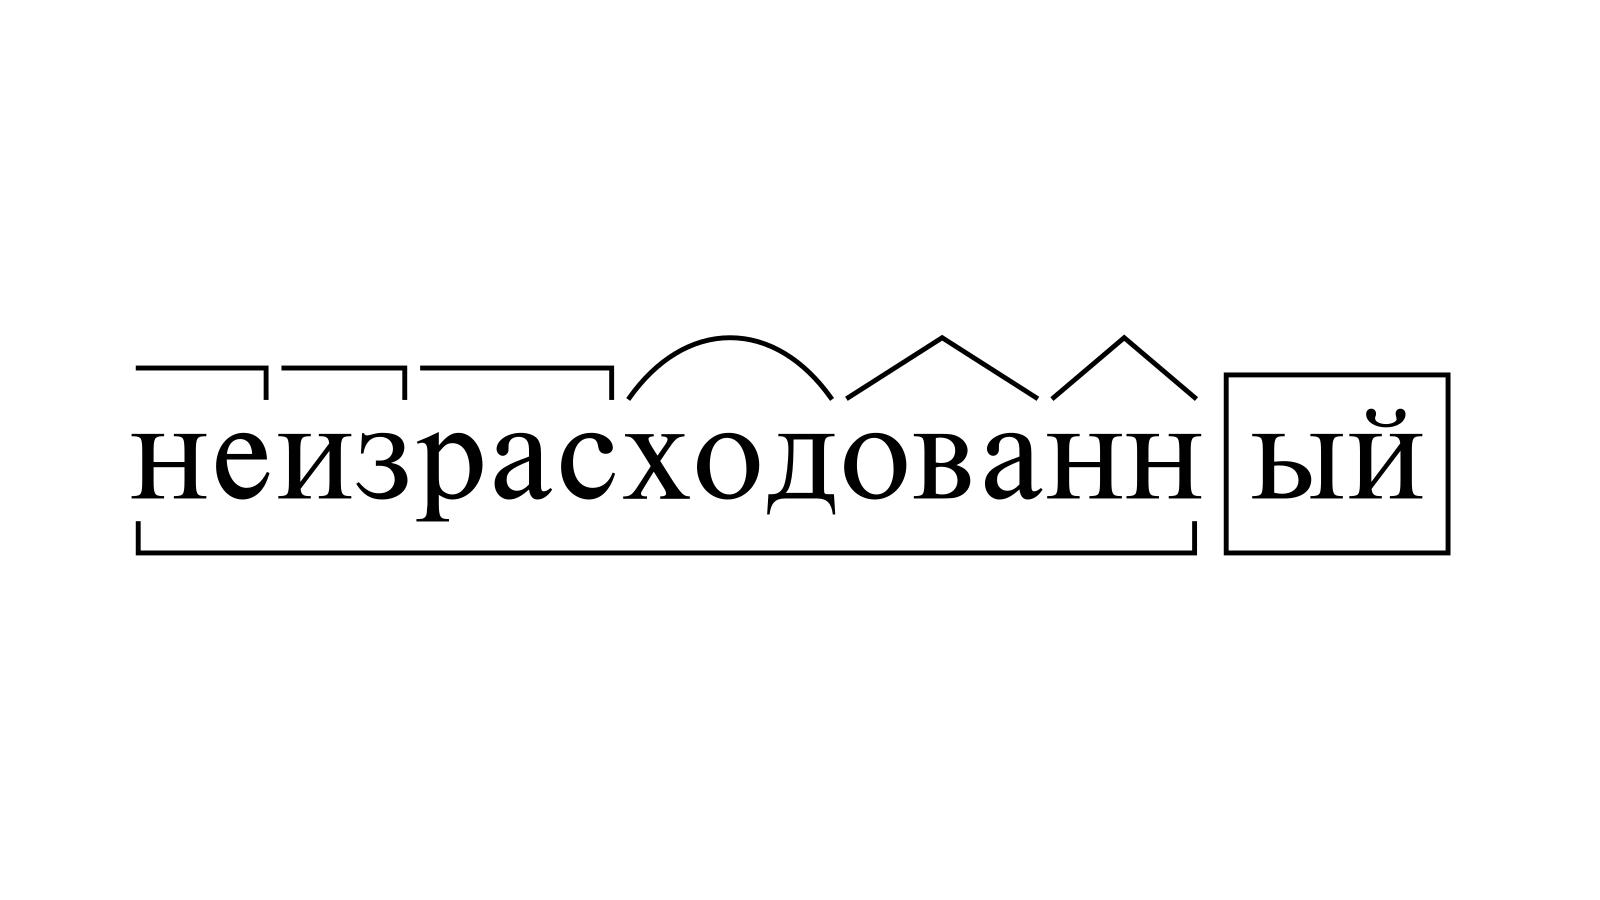 Разбор слова «неизрасходованный» по составу